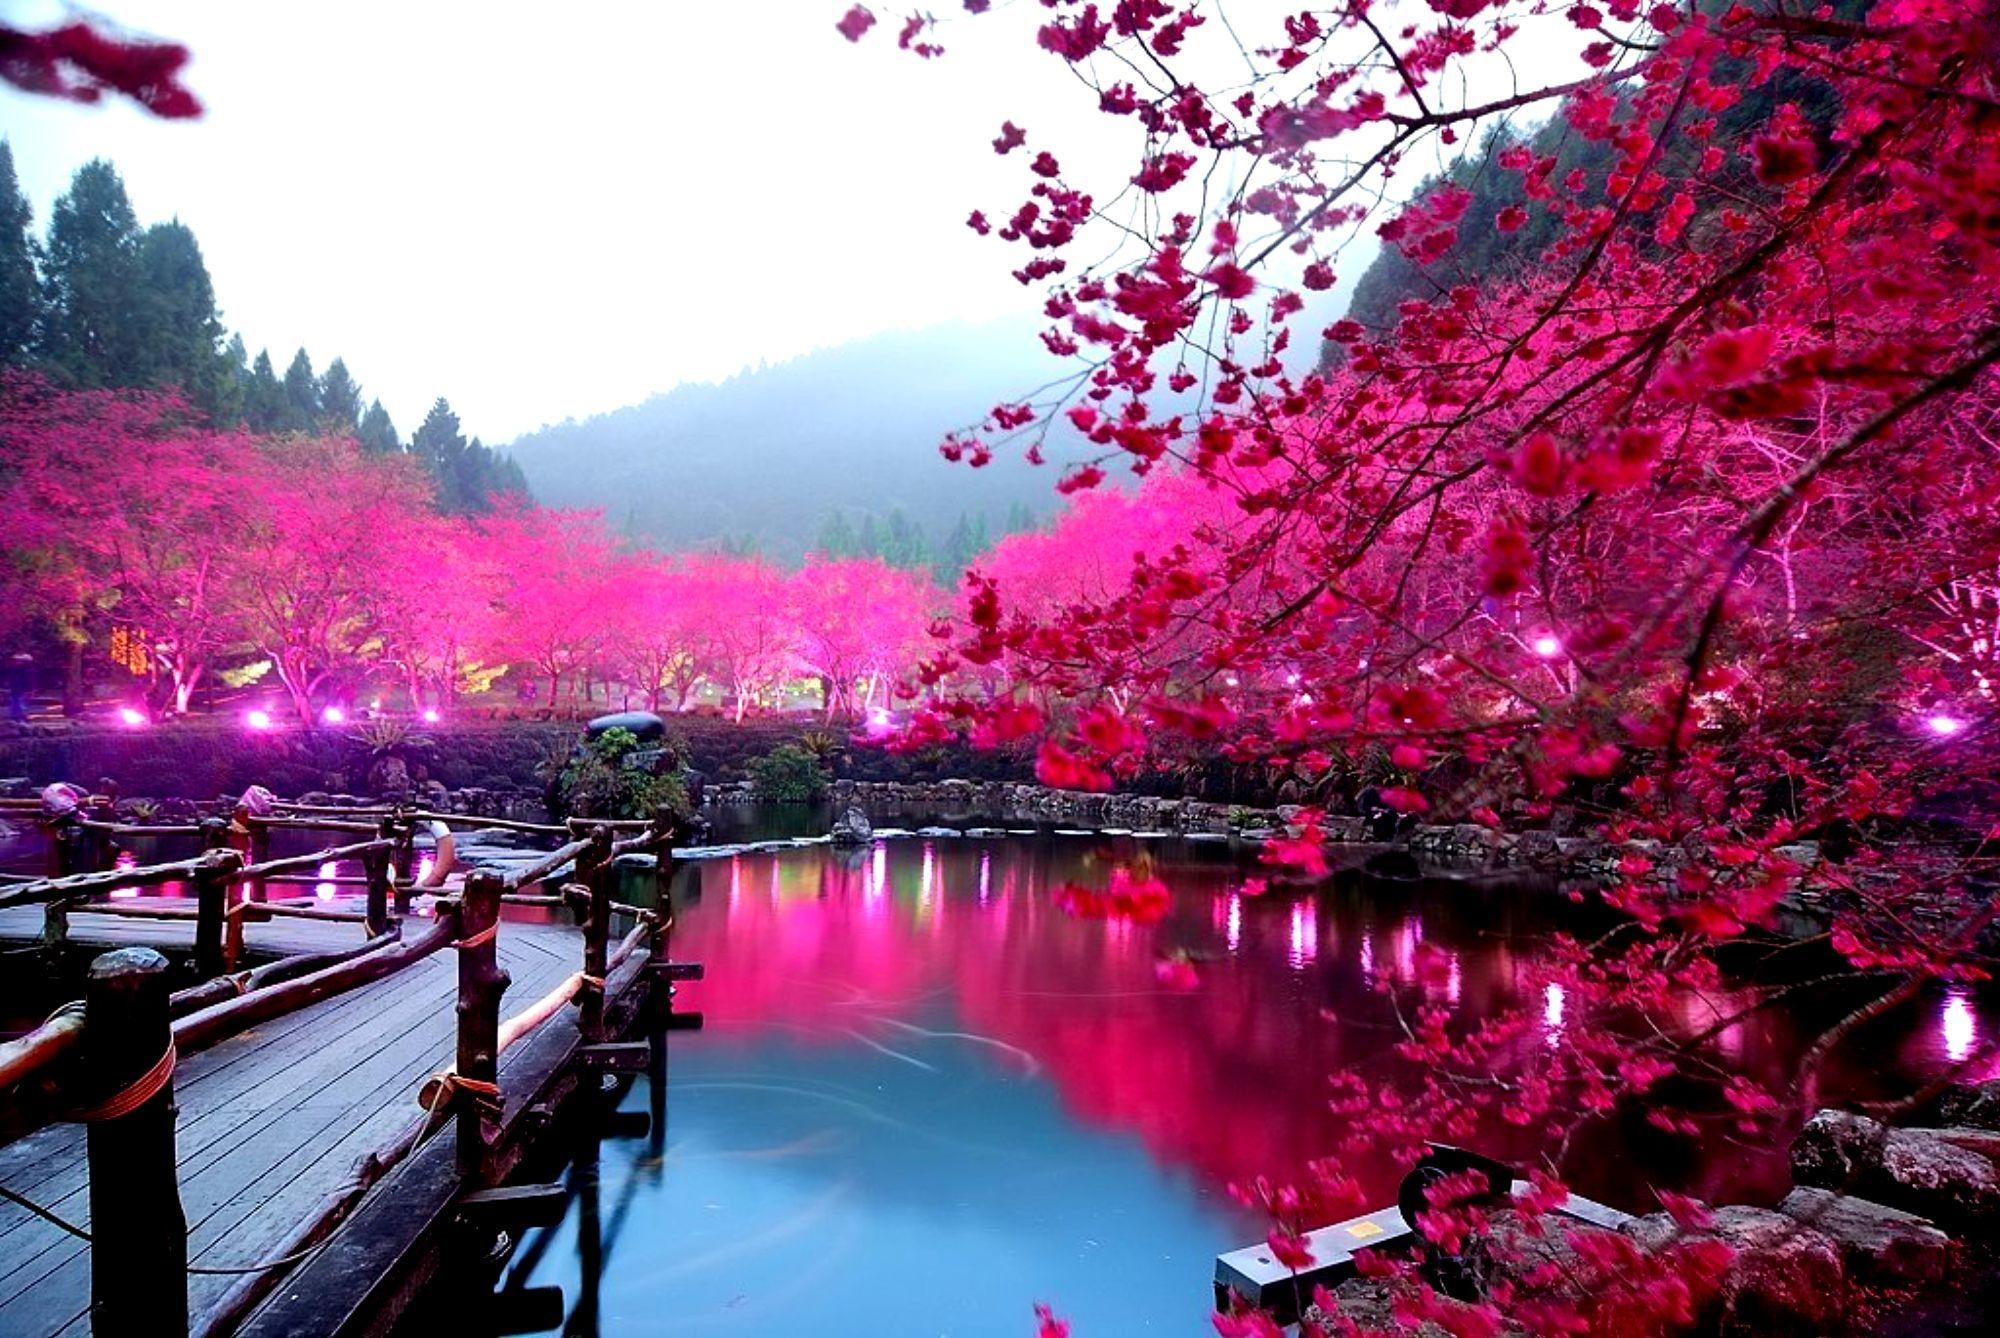 https://ru.pinterest.com/jihyechve/ #Japan #Tokio #Ueno_Park   «Заповедник музеев» и старейший парк Токио, засаженный сакурой разных сортов.